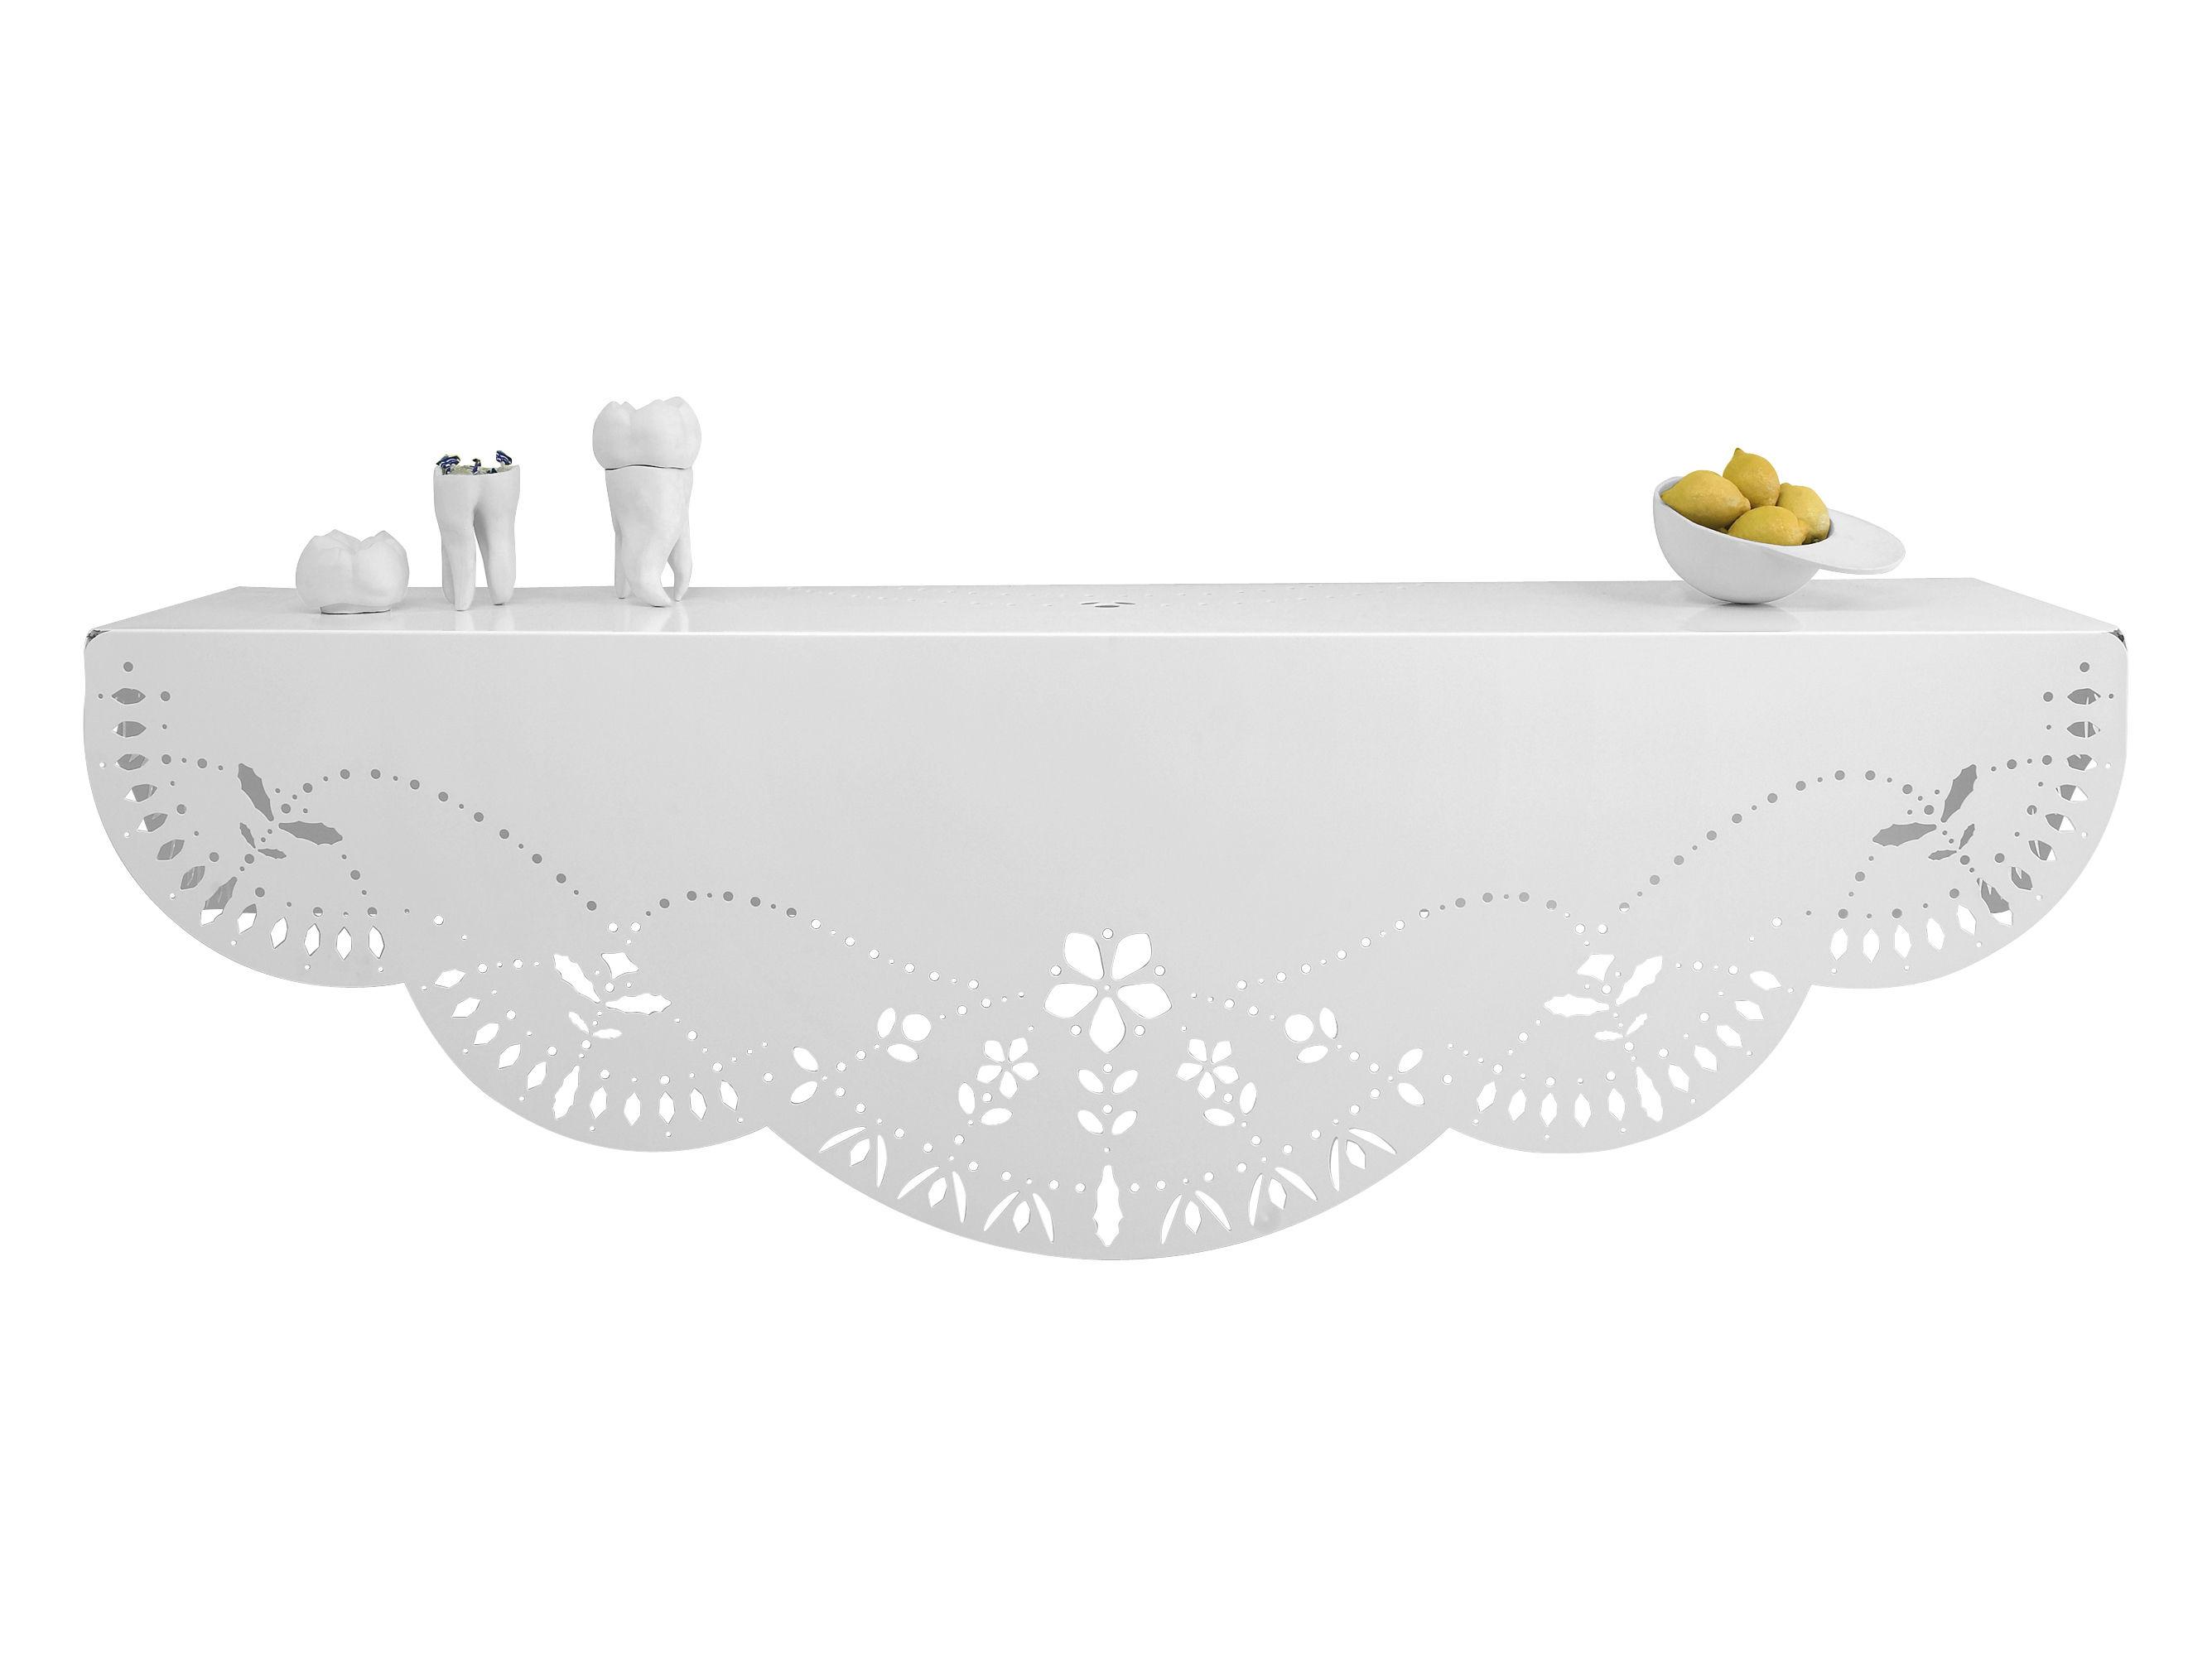 Arredamento - Scaffali e librerie - Scaffale Chantilly - L 90 cm di Domestic - Bianco - metallo laccato